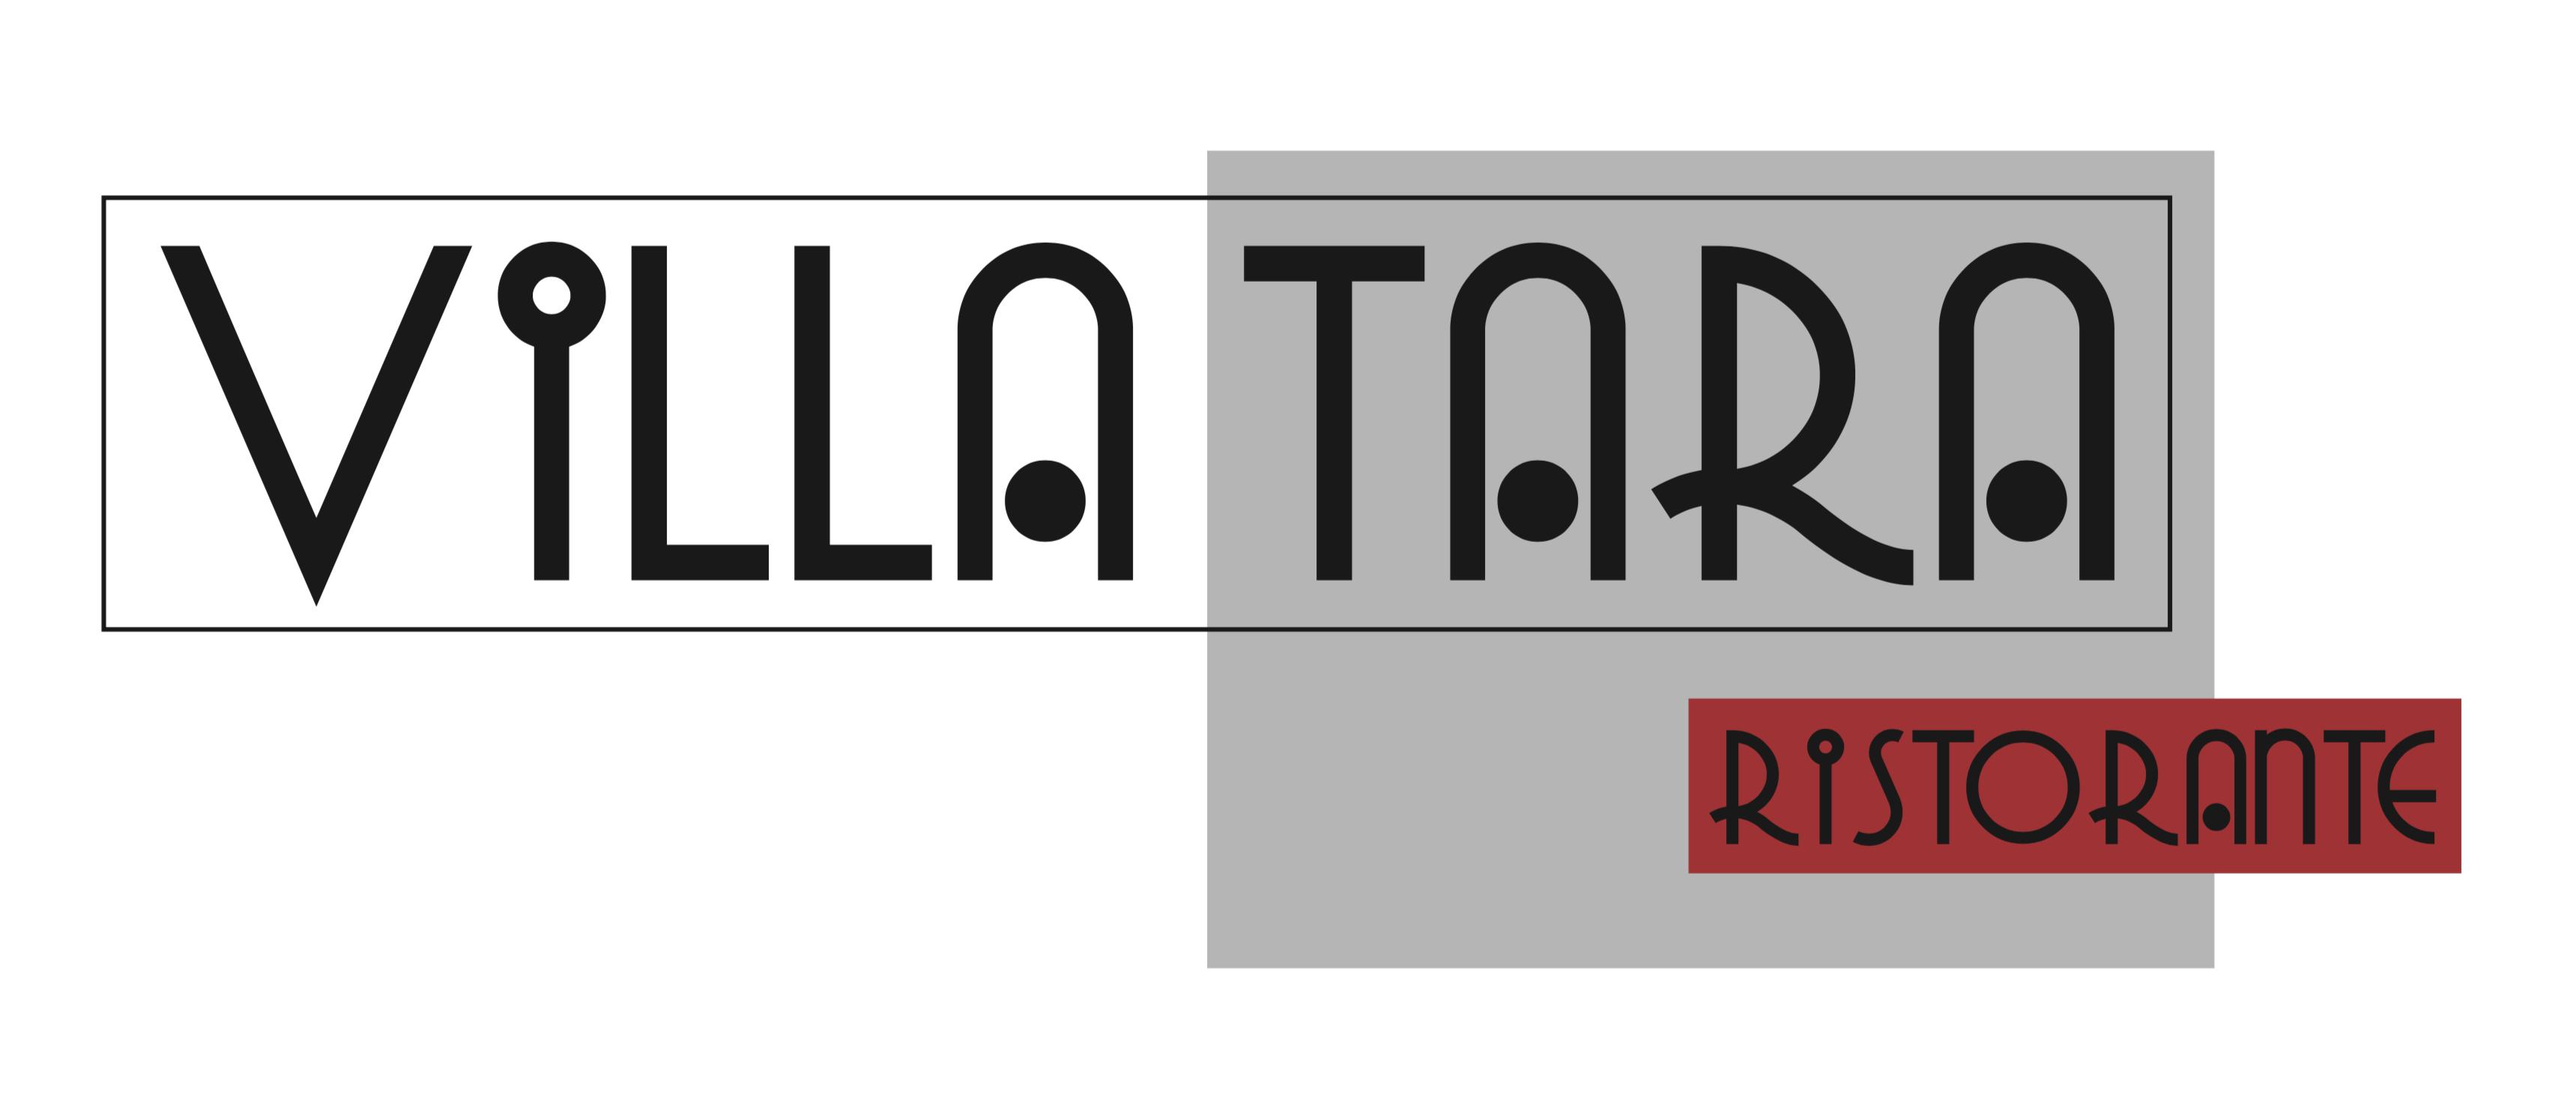 Studio logotipo